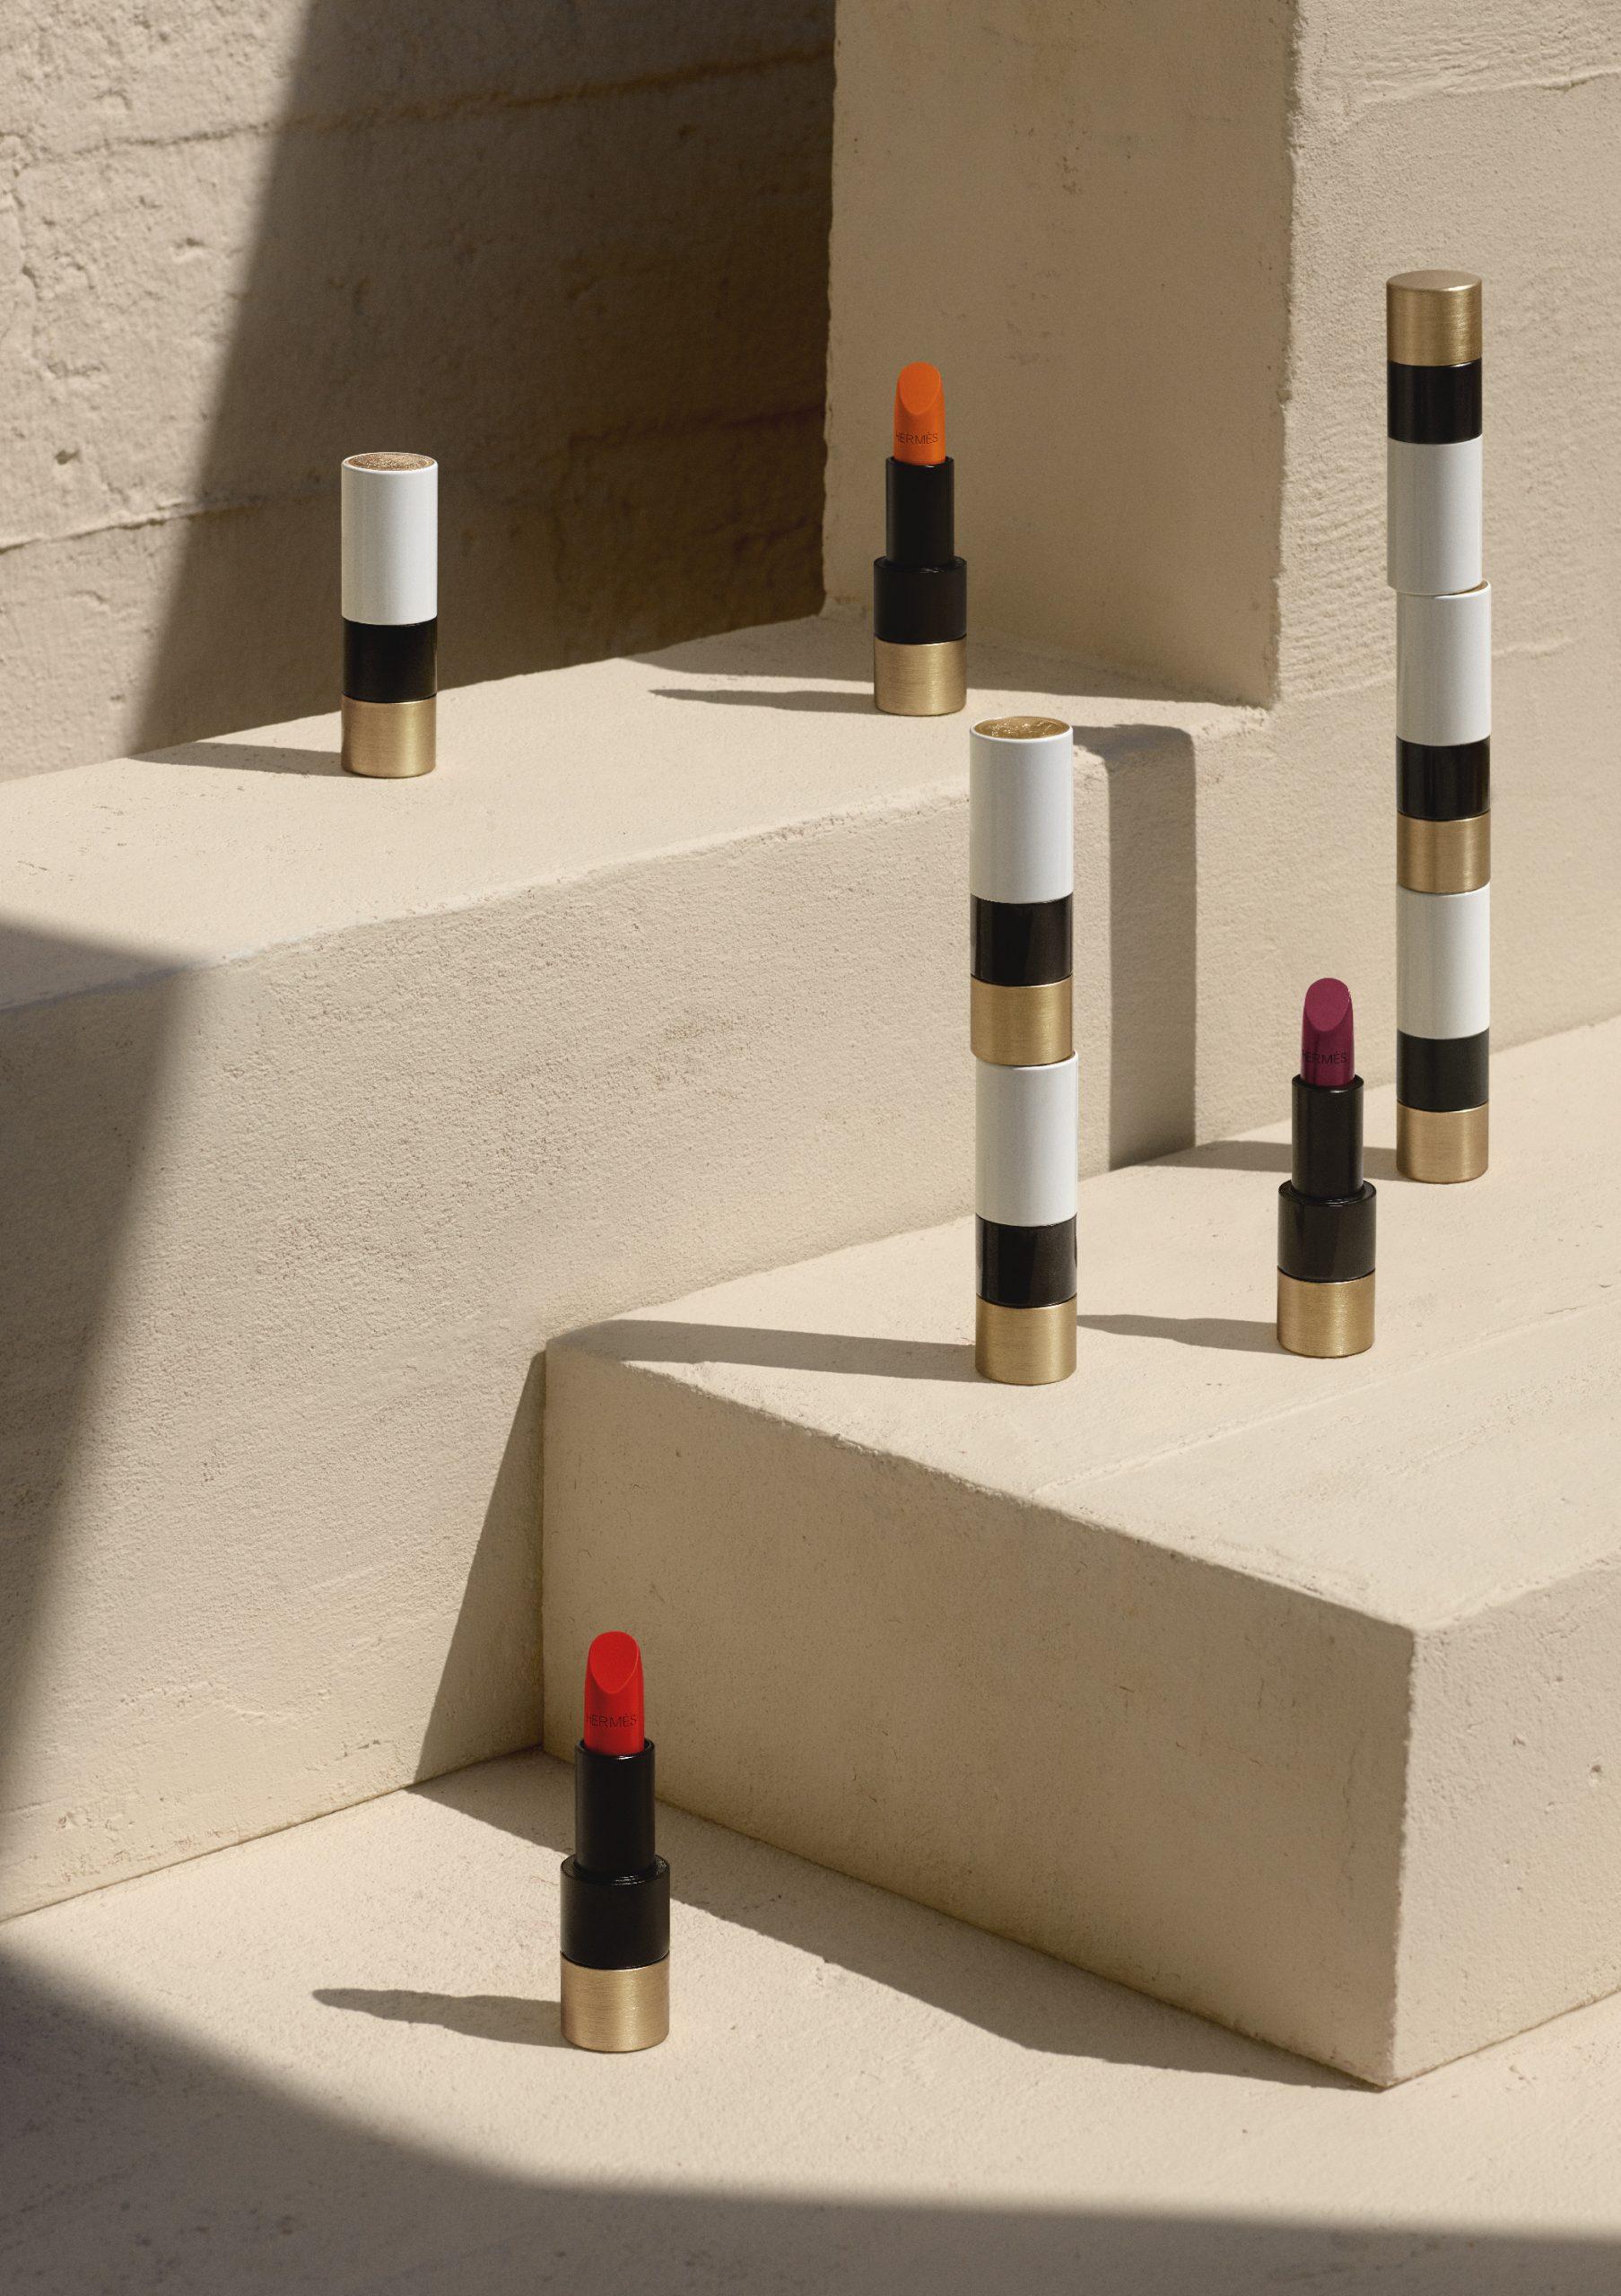 Ο Hermès κυκλοφορεί την πρώτη σειρά με προϊόντα make-up